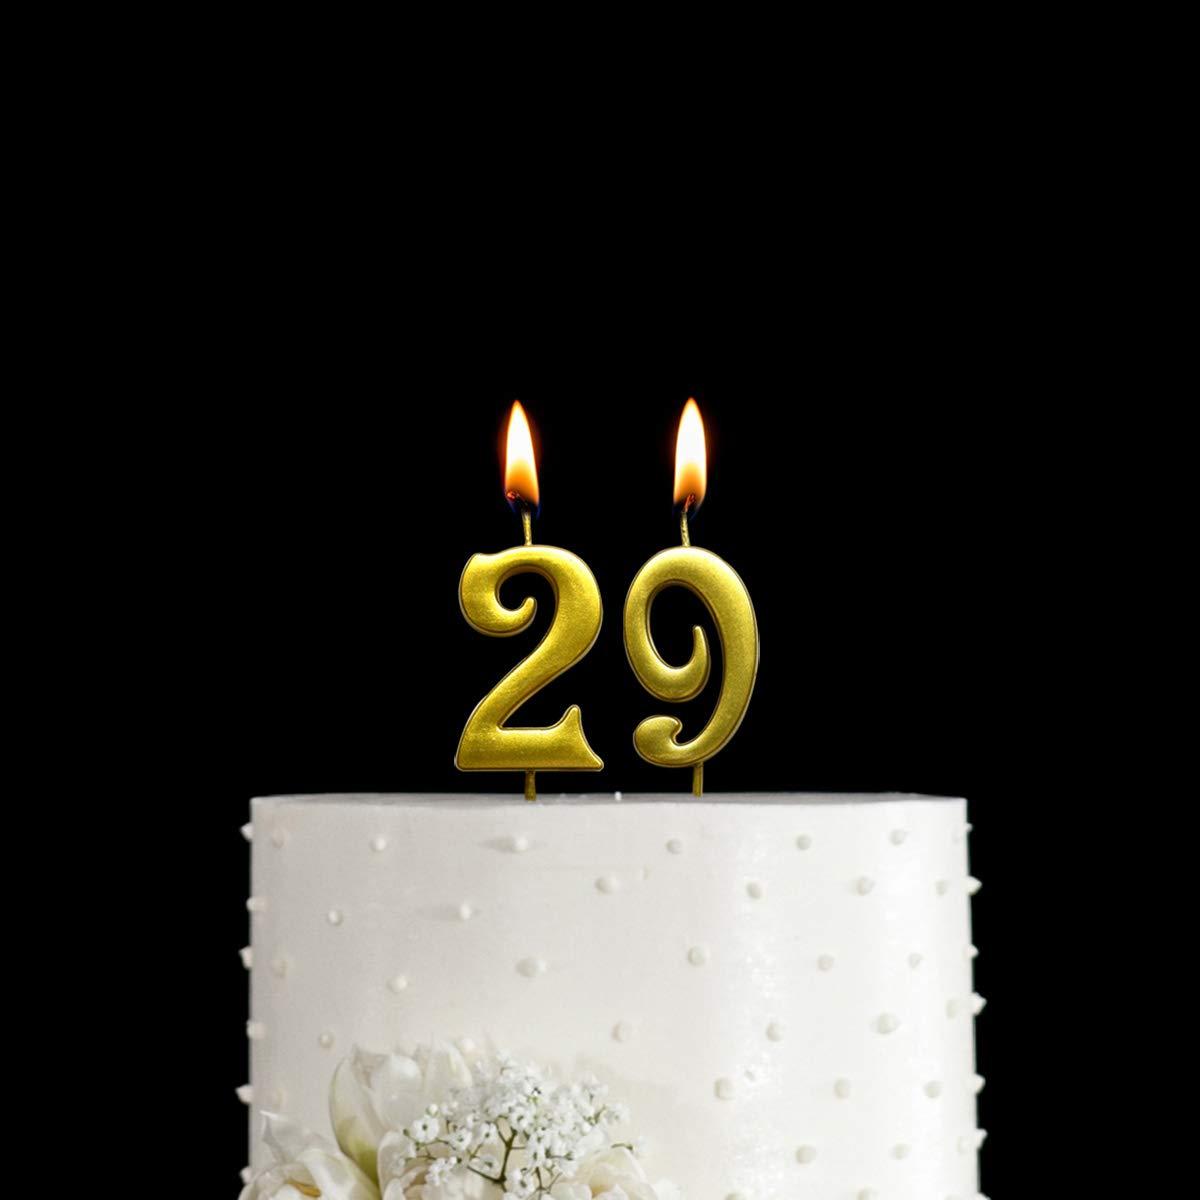 Amazon.com: Magjuche - Vela con número 29 de cumpleaños ...